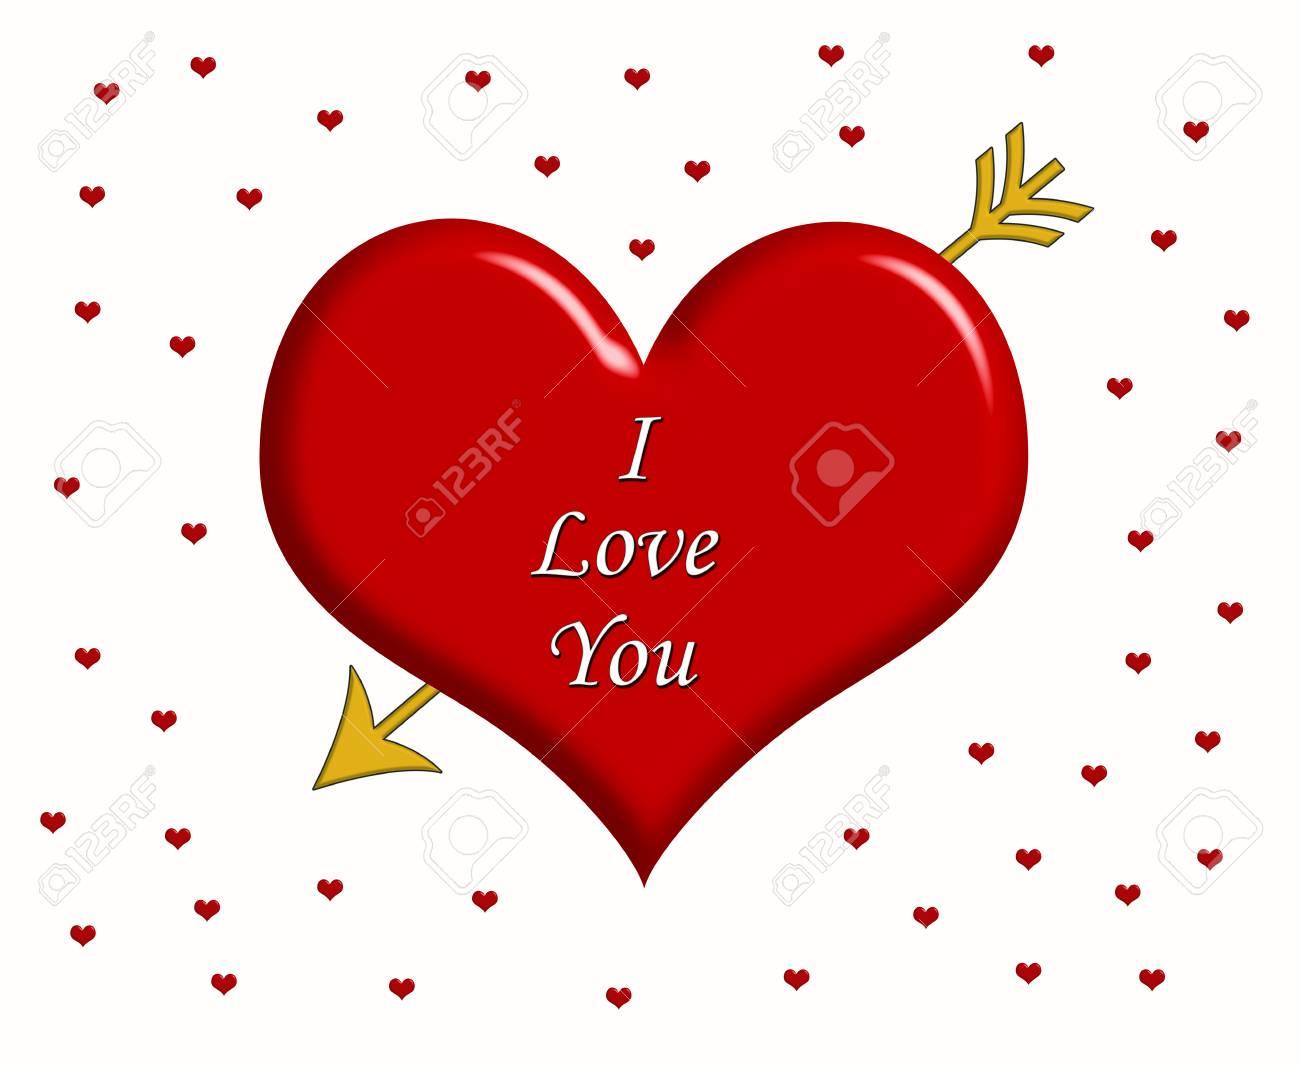 Ich liebe dich brief an ihn